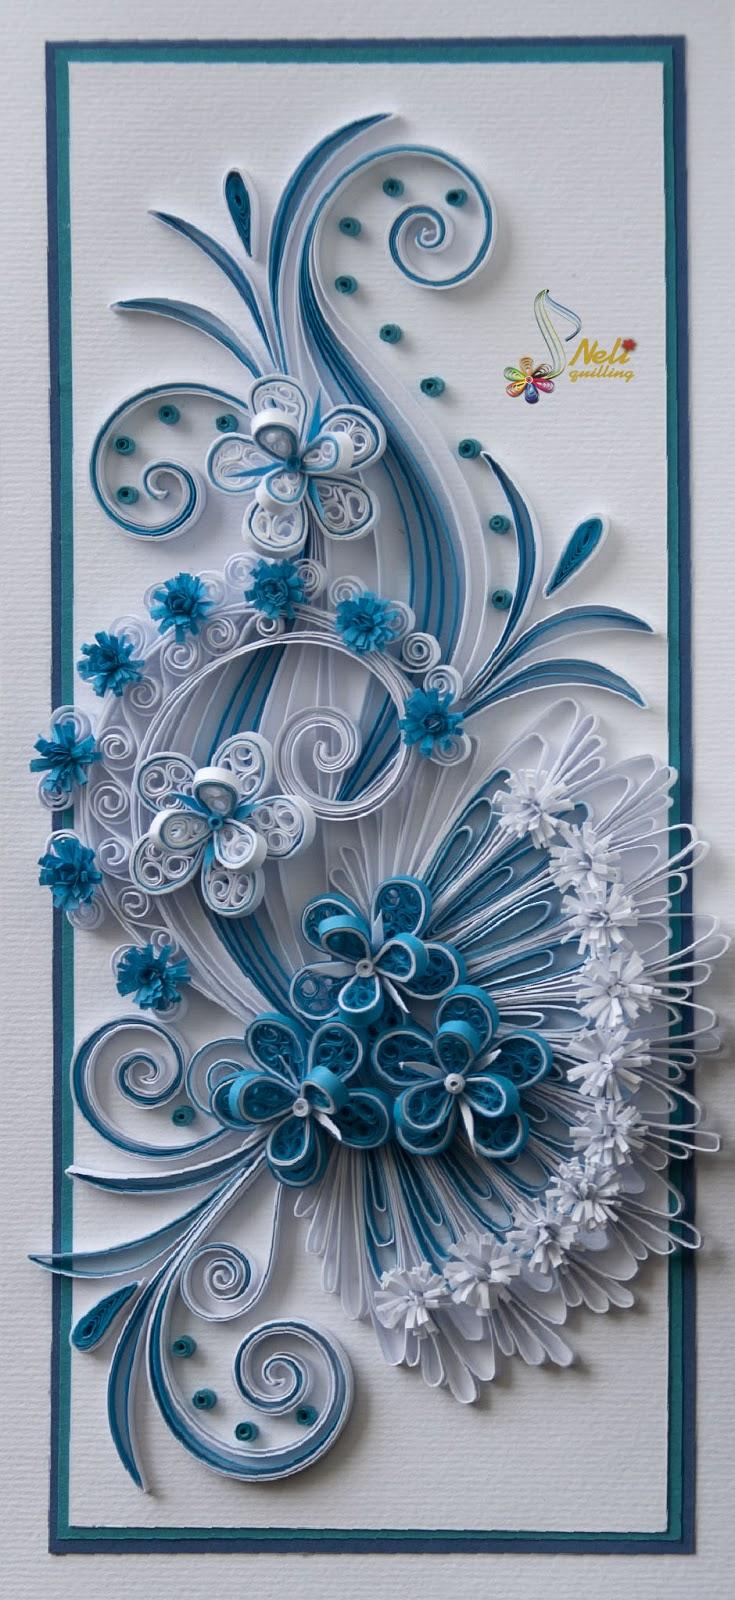 neli quilling art quilling card  flowers  95 cm  20 cm